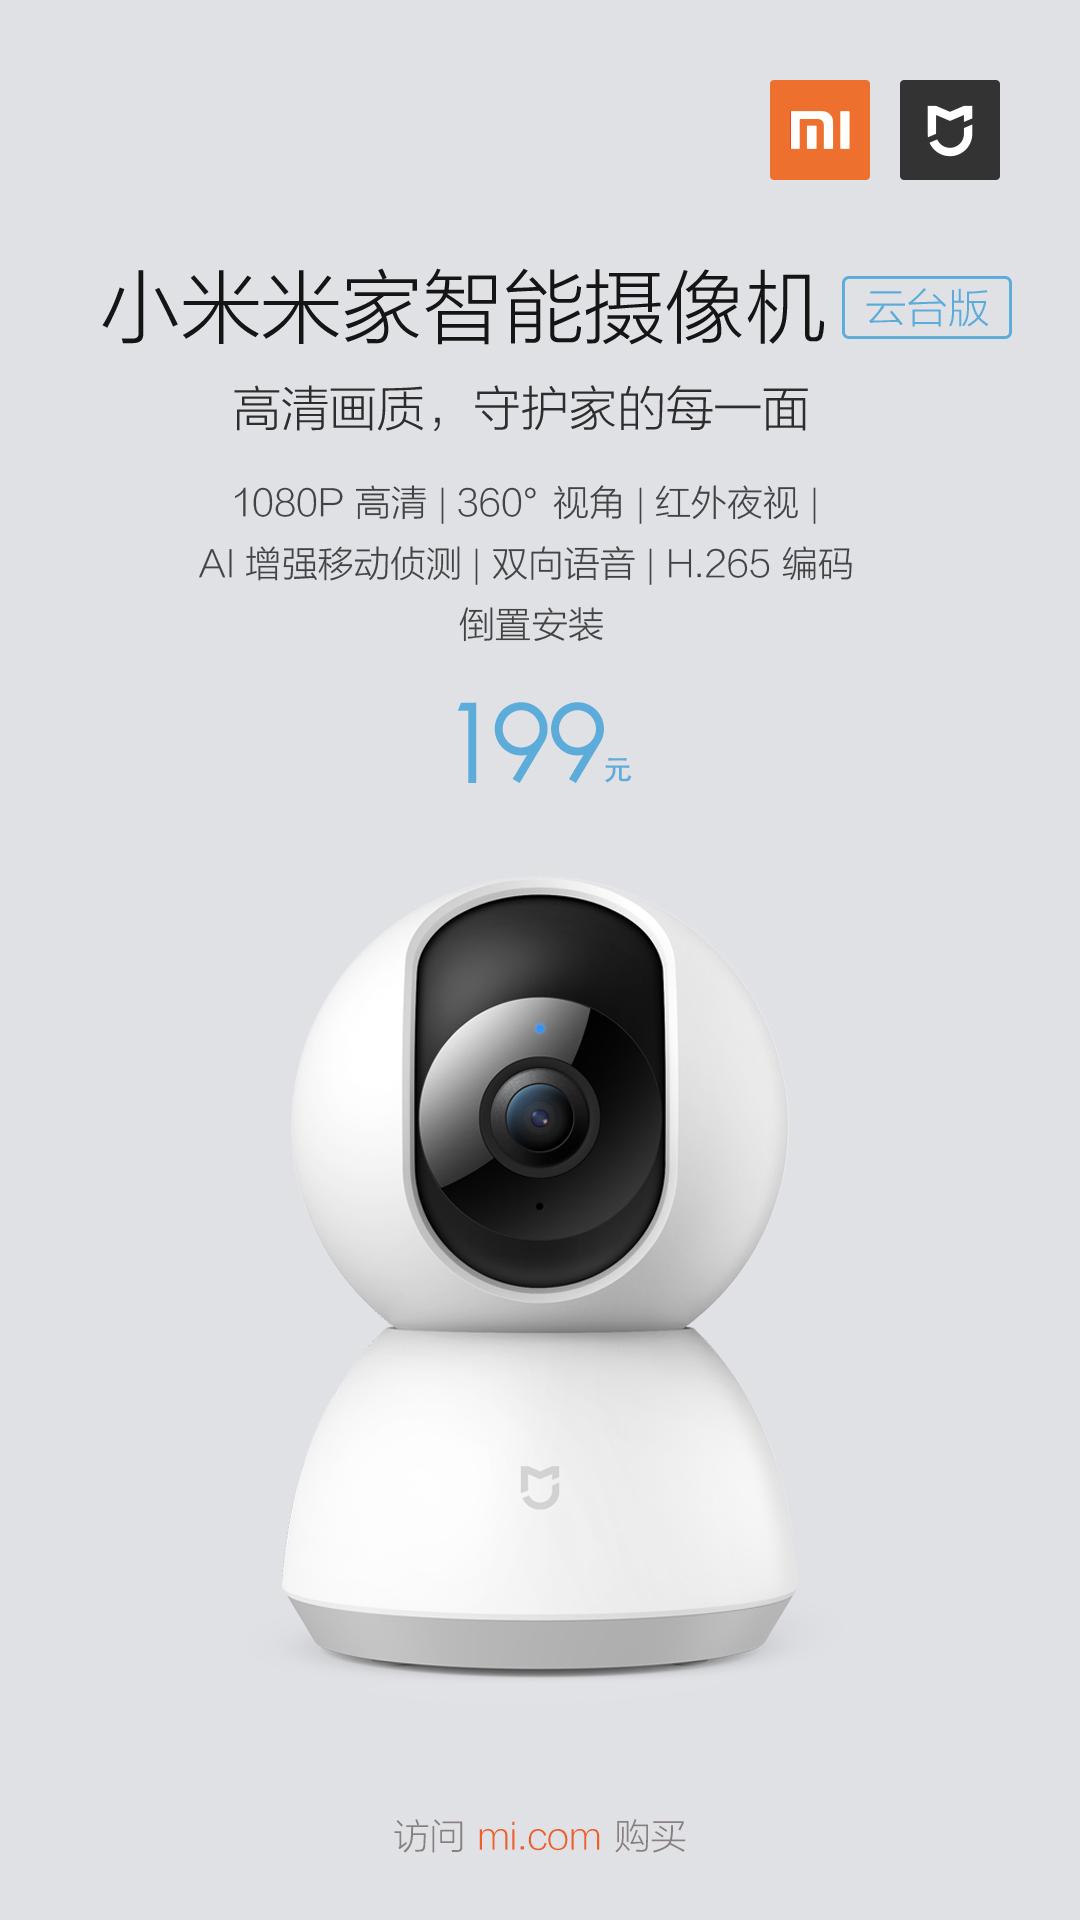 米家智能摄像机云台版升级1080P高清画质,仍卖199